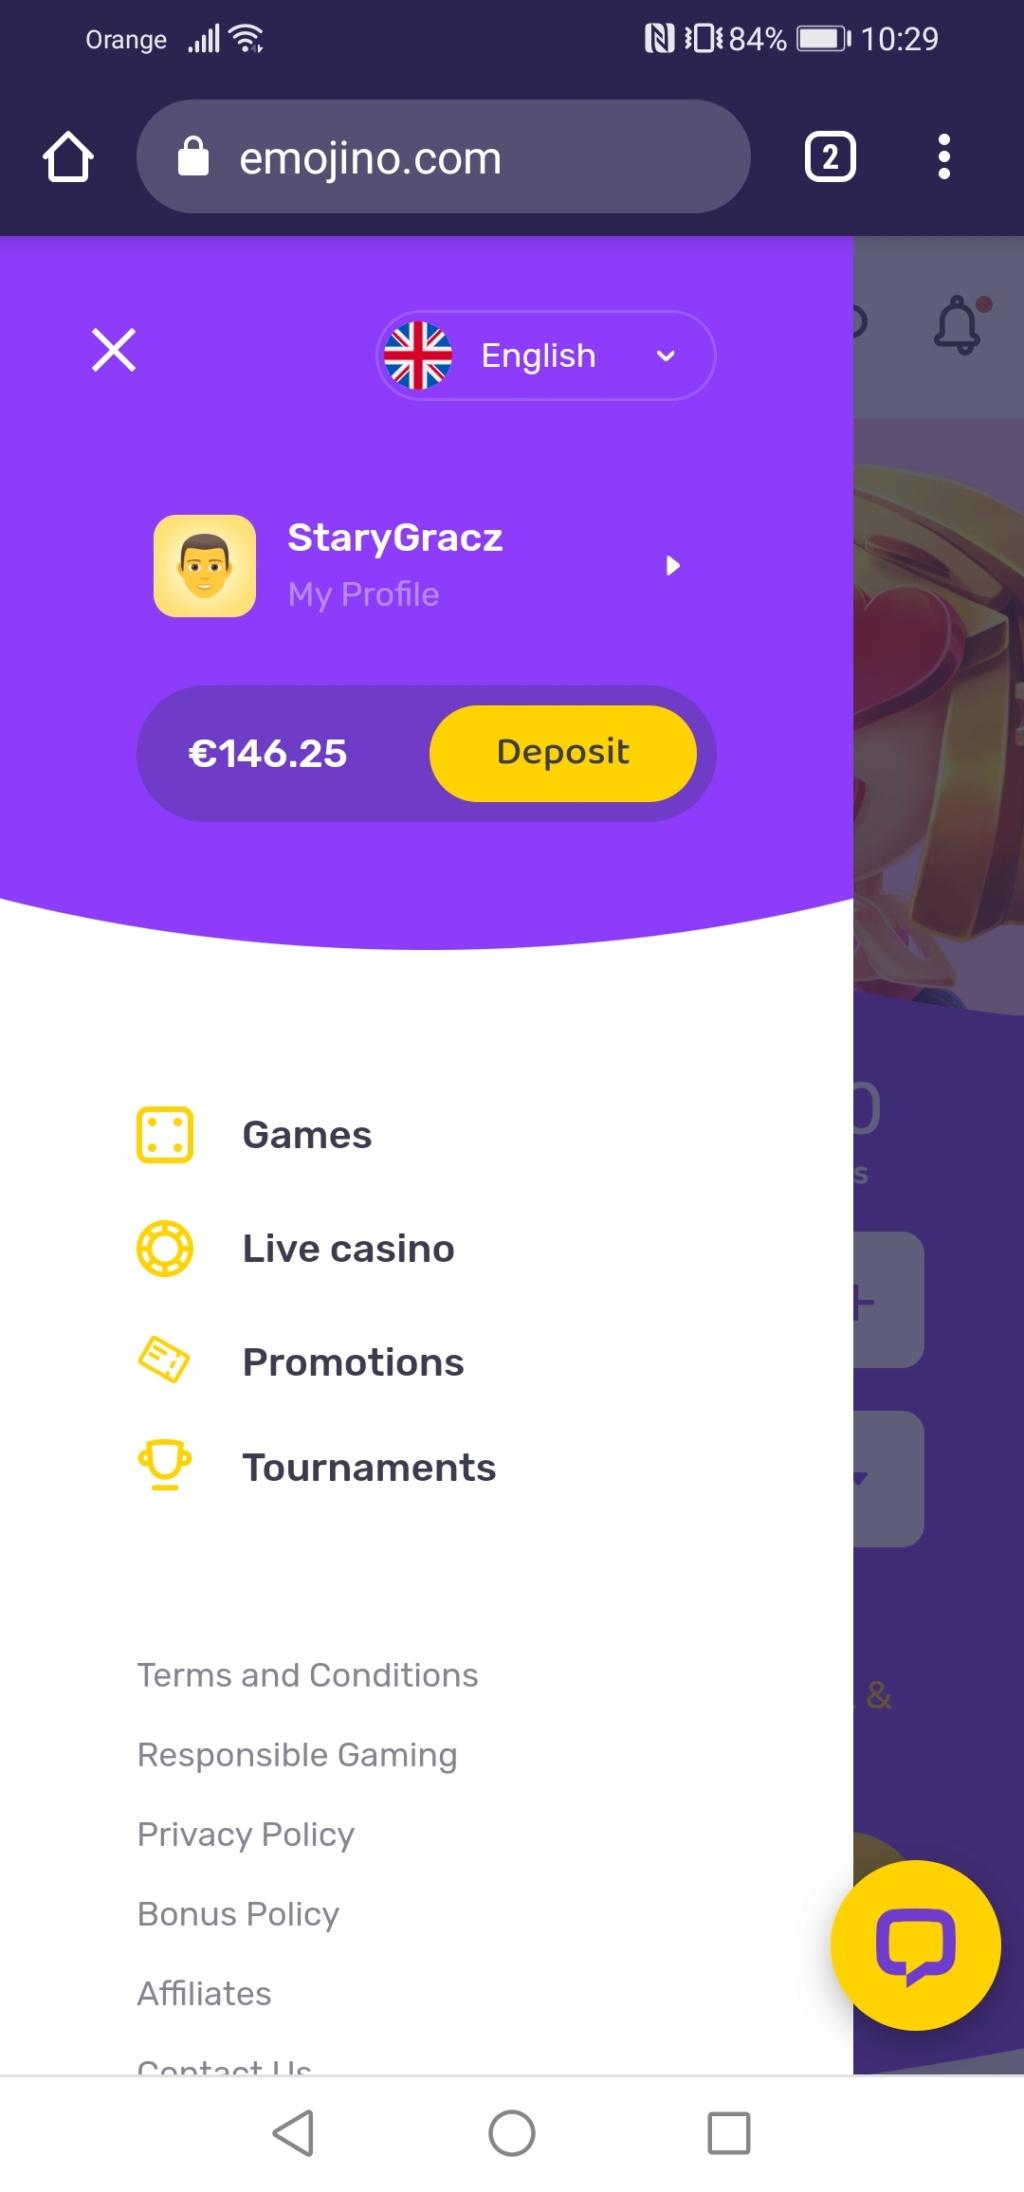 Emojino kasyno online 30 darmowych spinów z obrotem x1 Screen17